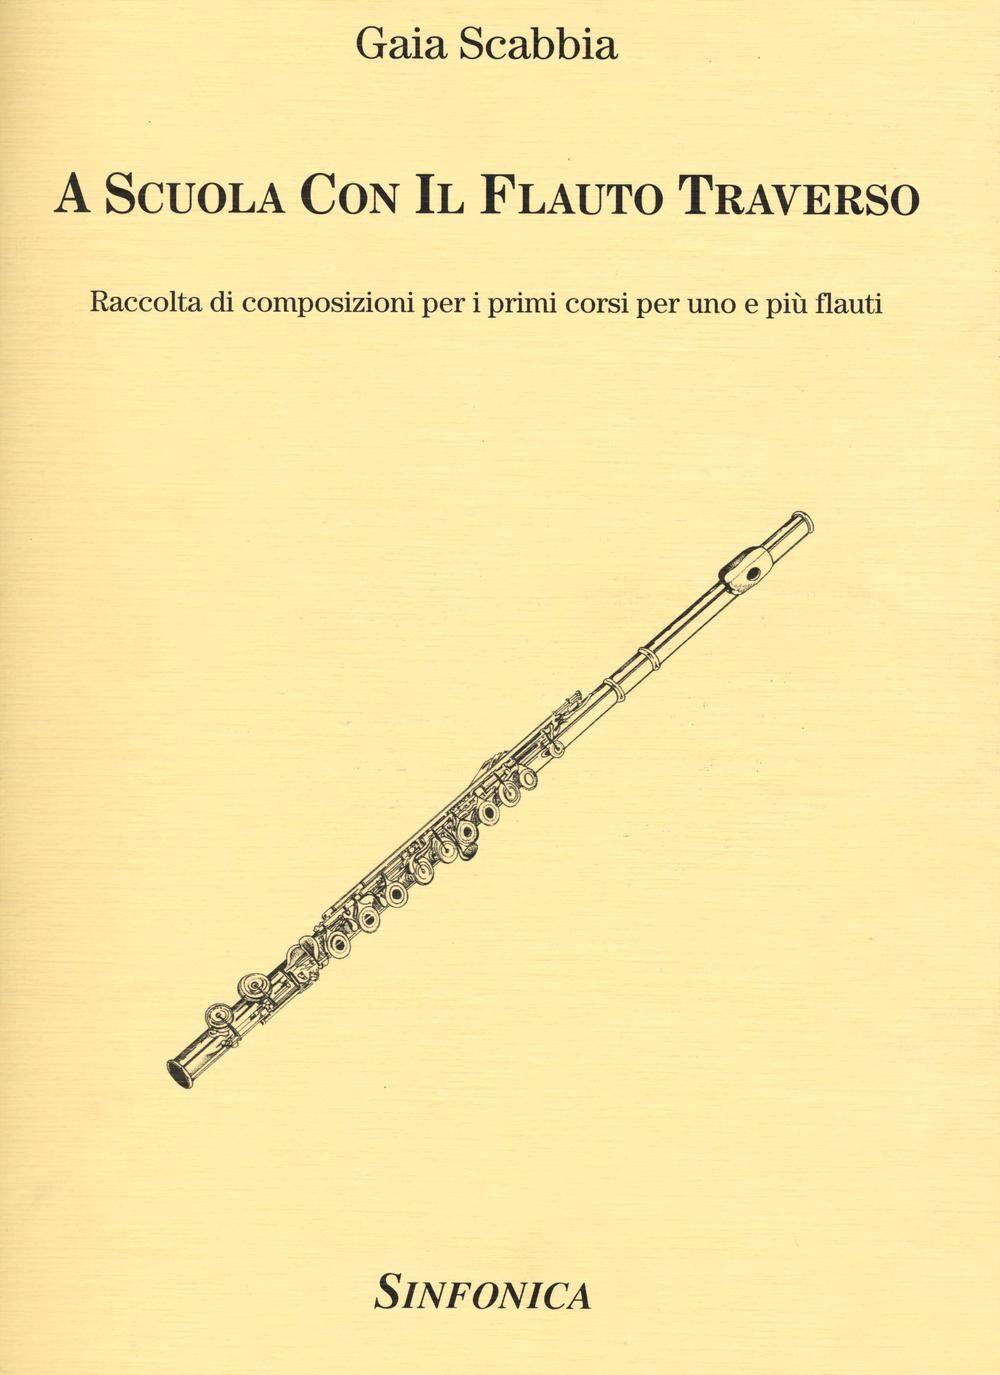 A scuola con il flauto traverso. Raccolta di composizioni per i primi corsi per uno e più flauti